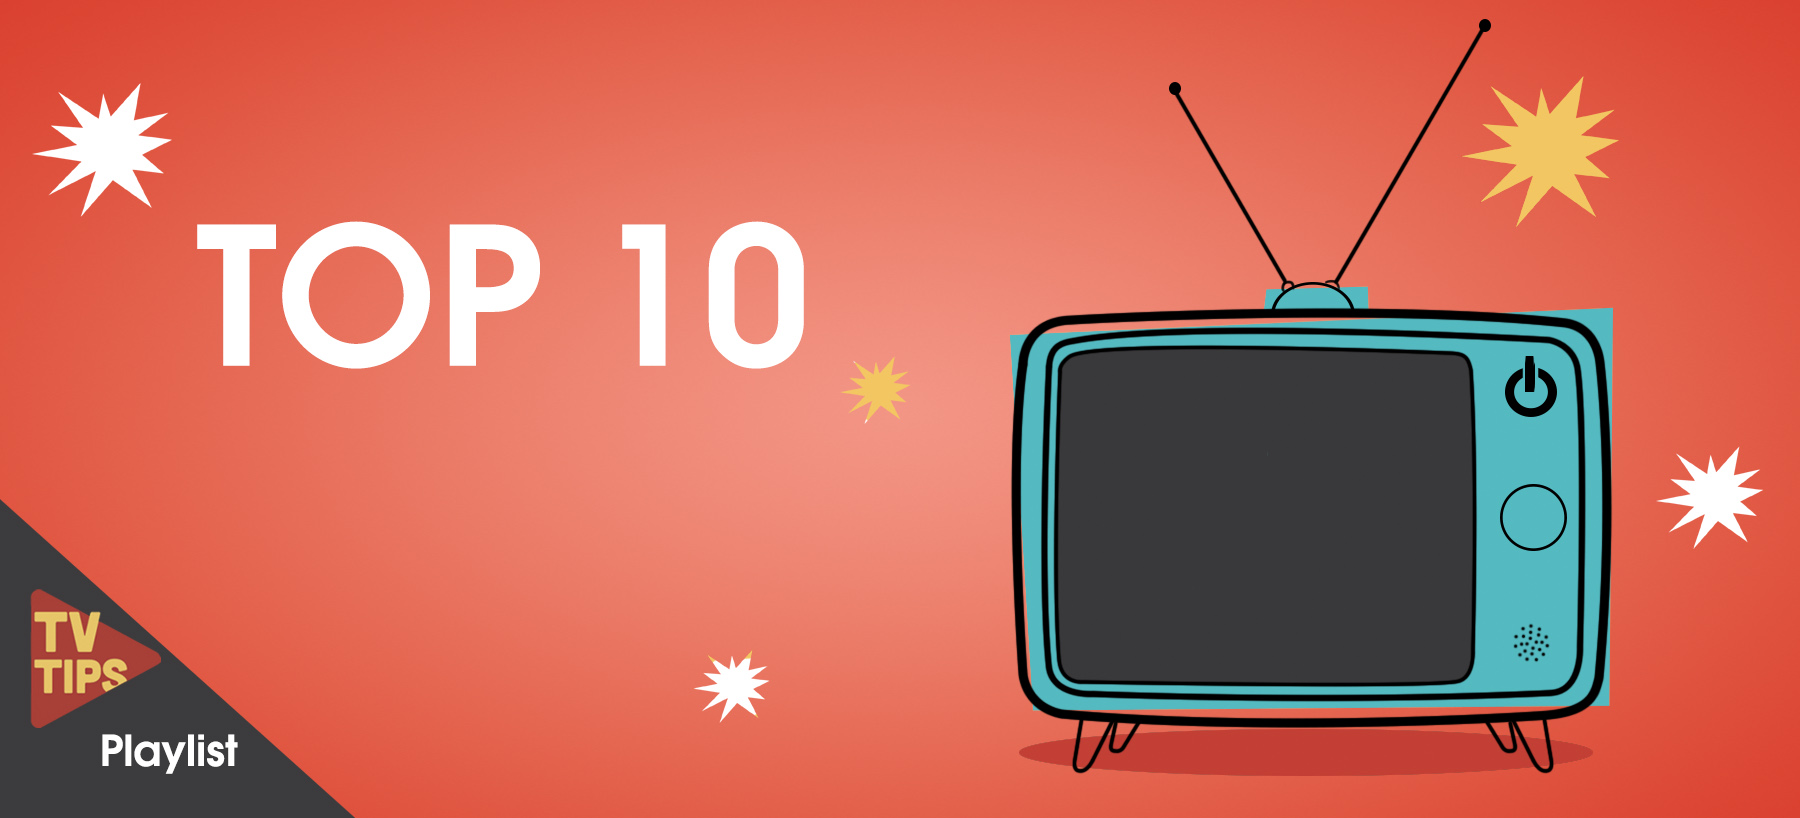 TOP 10 TV Tips